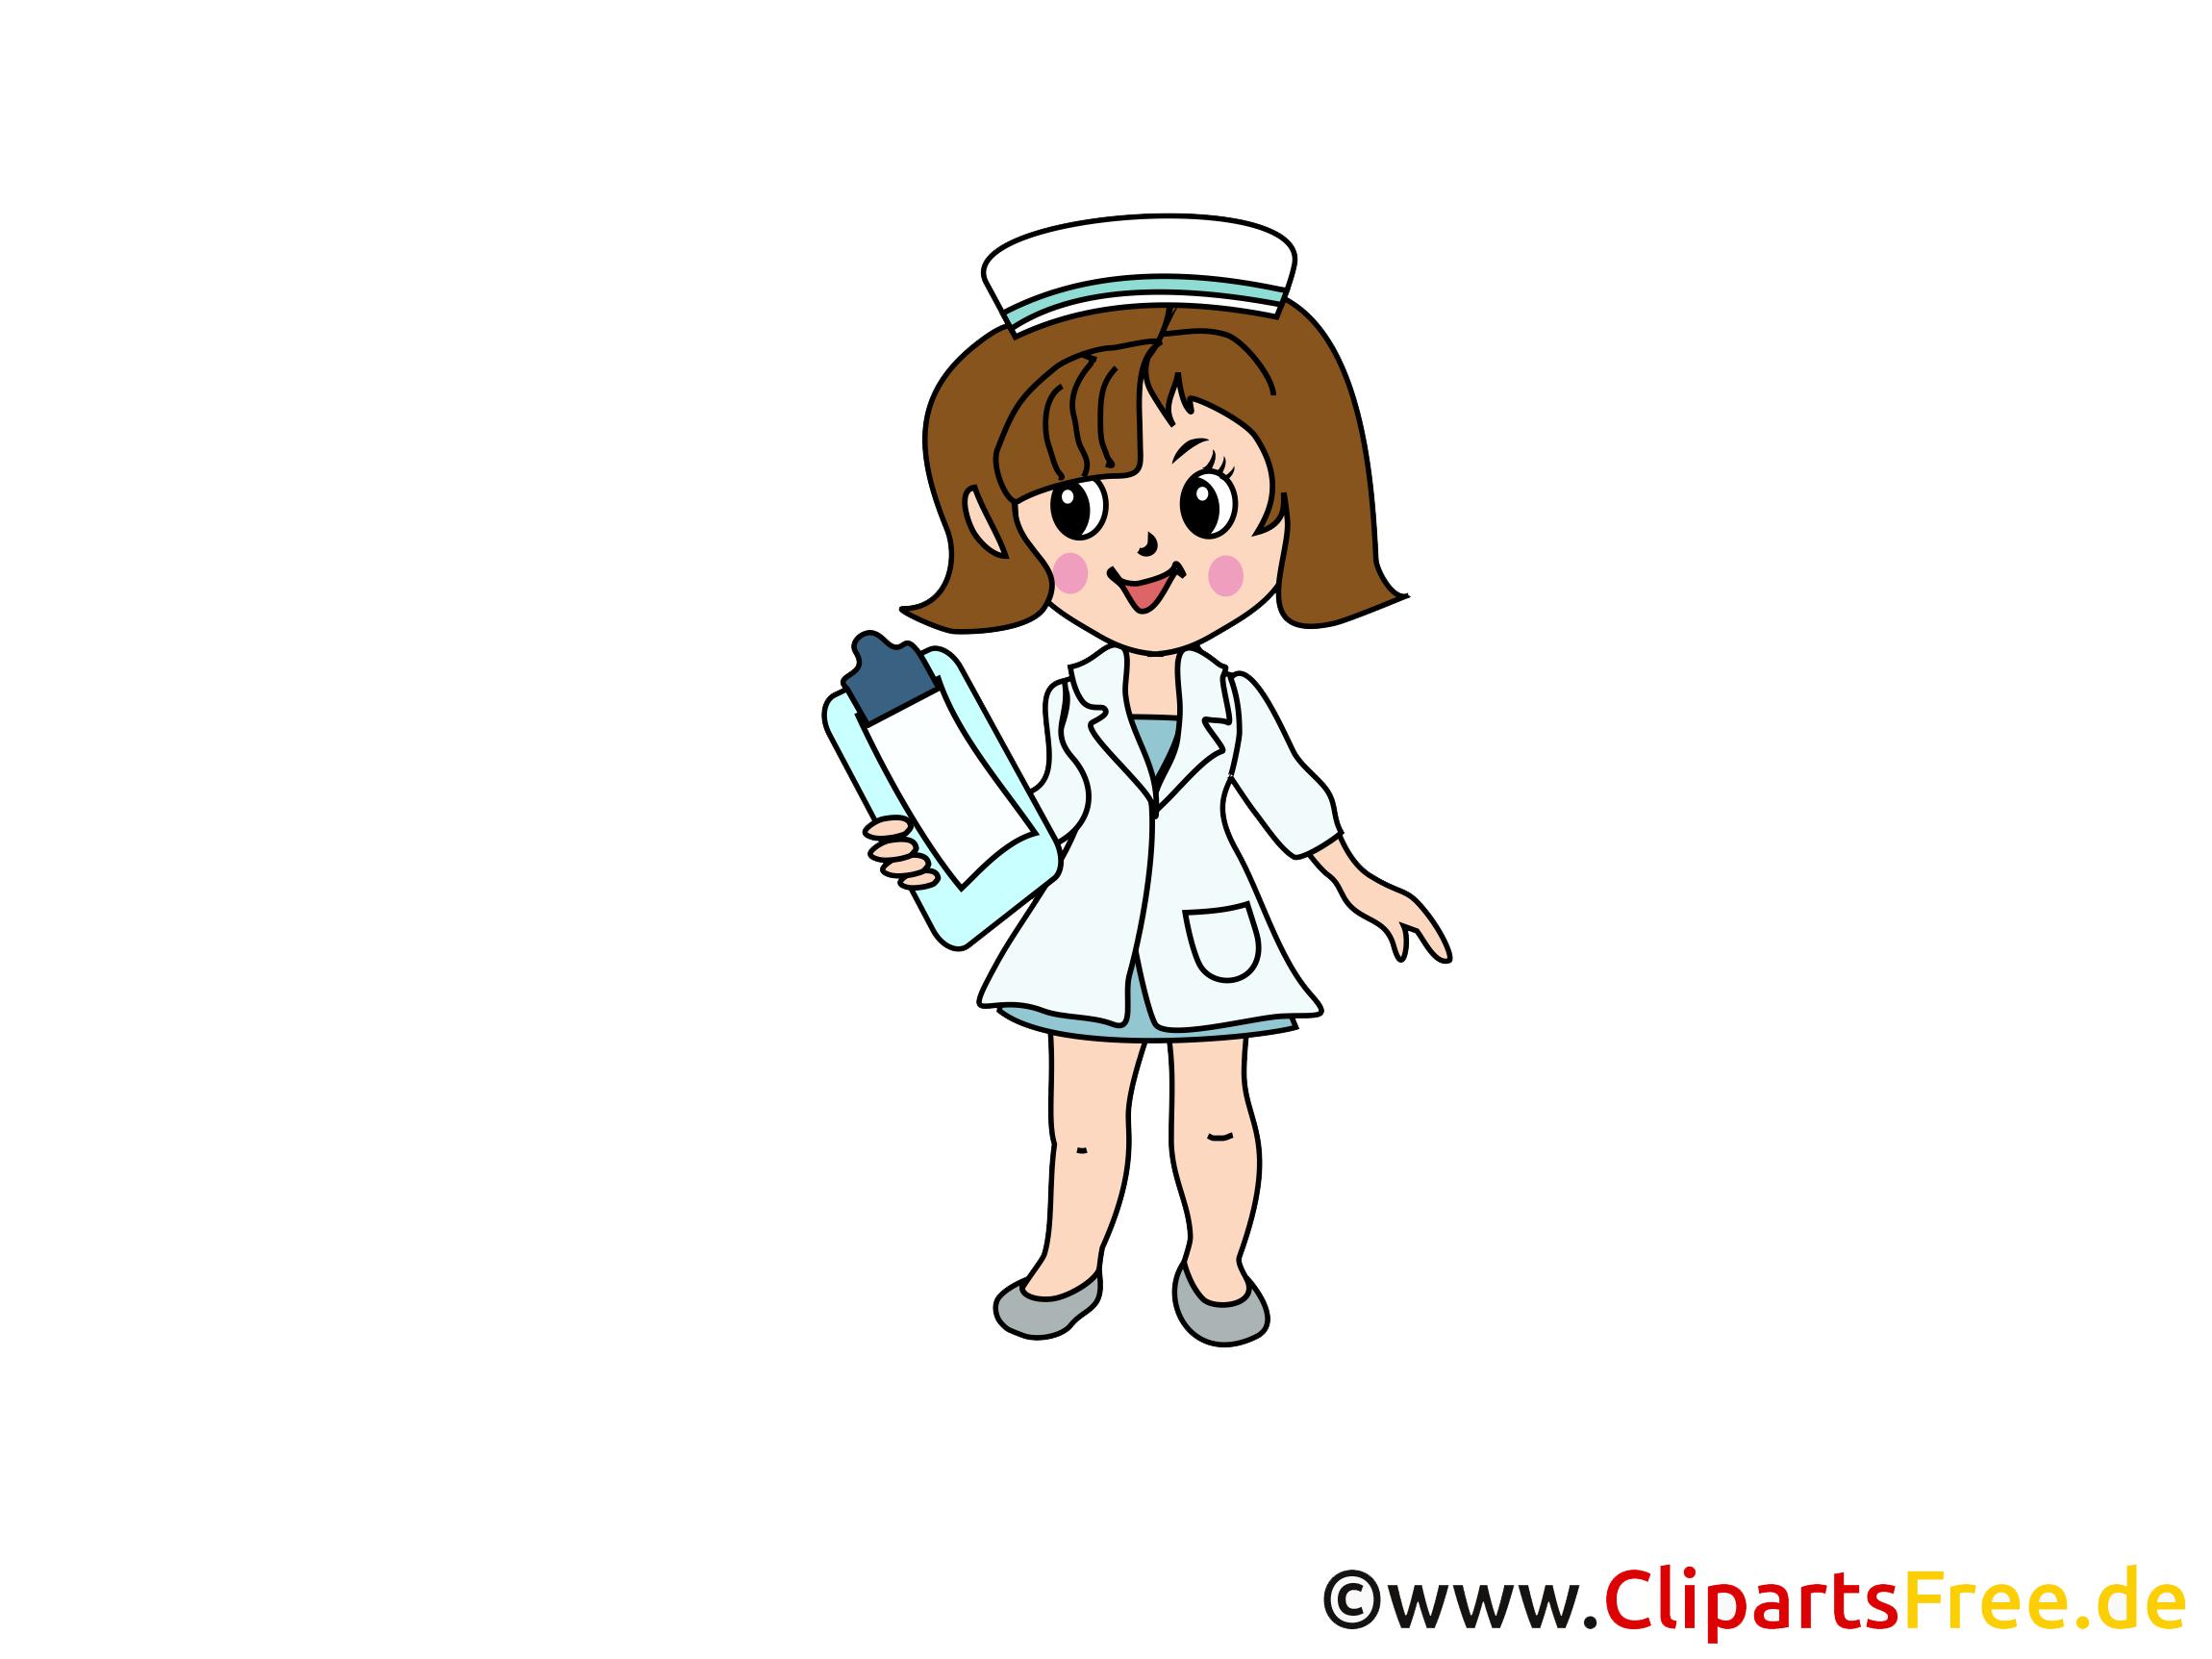 clipart kostenlos pflege - photo #4